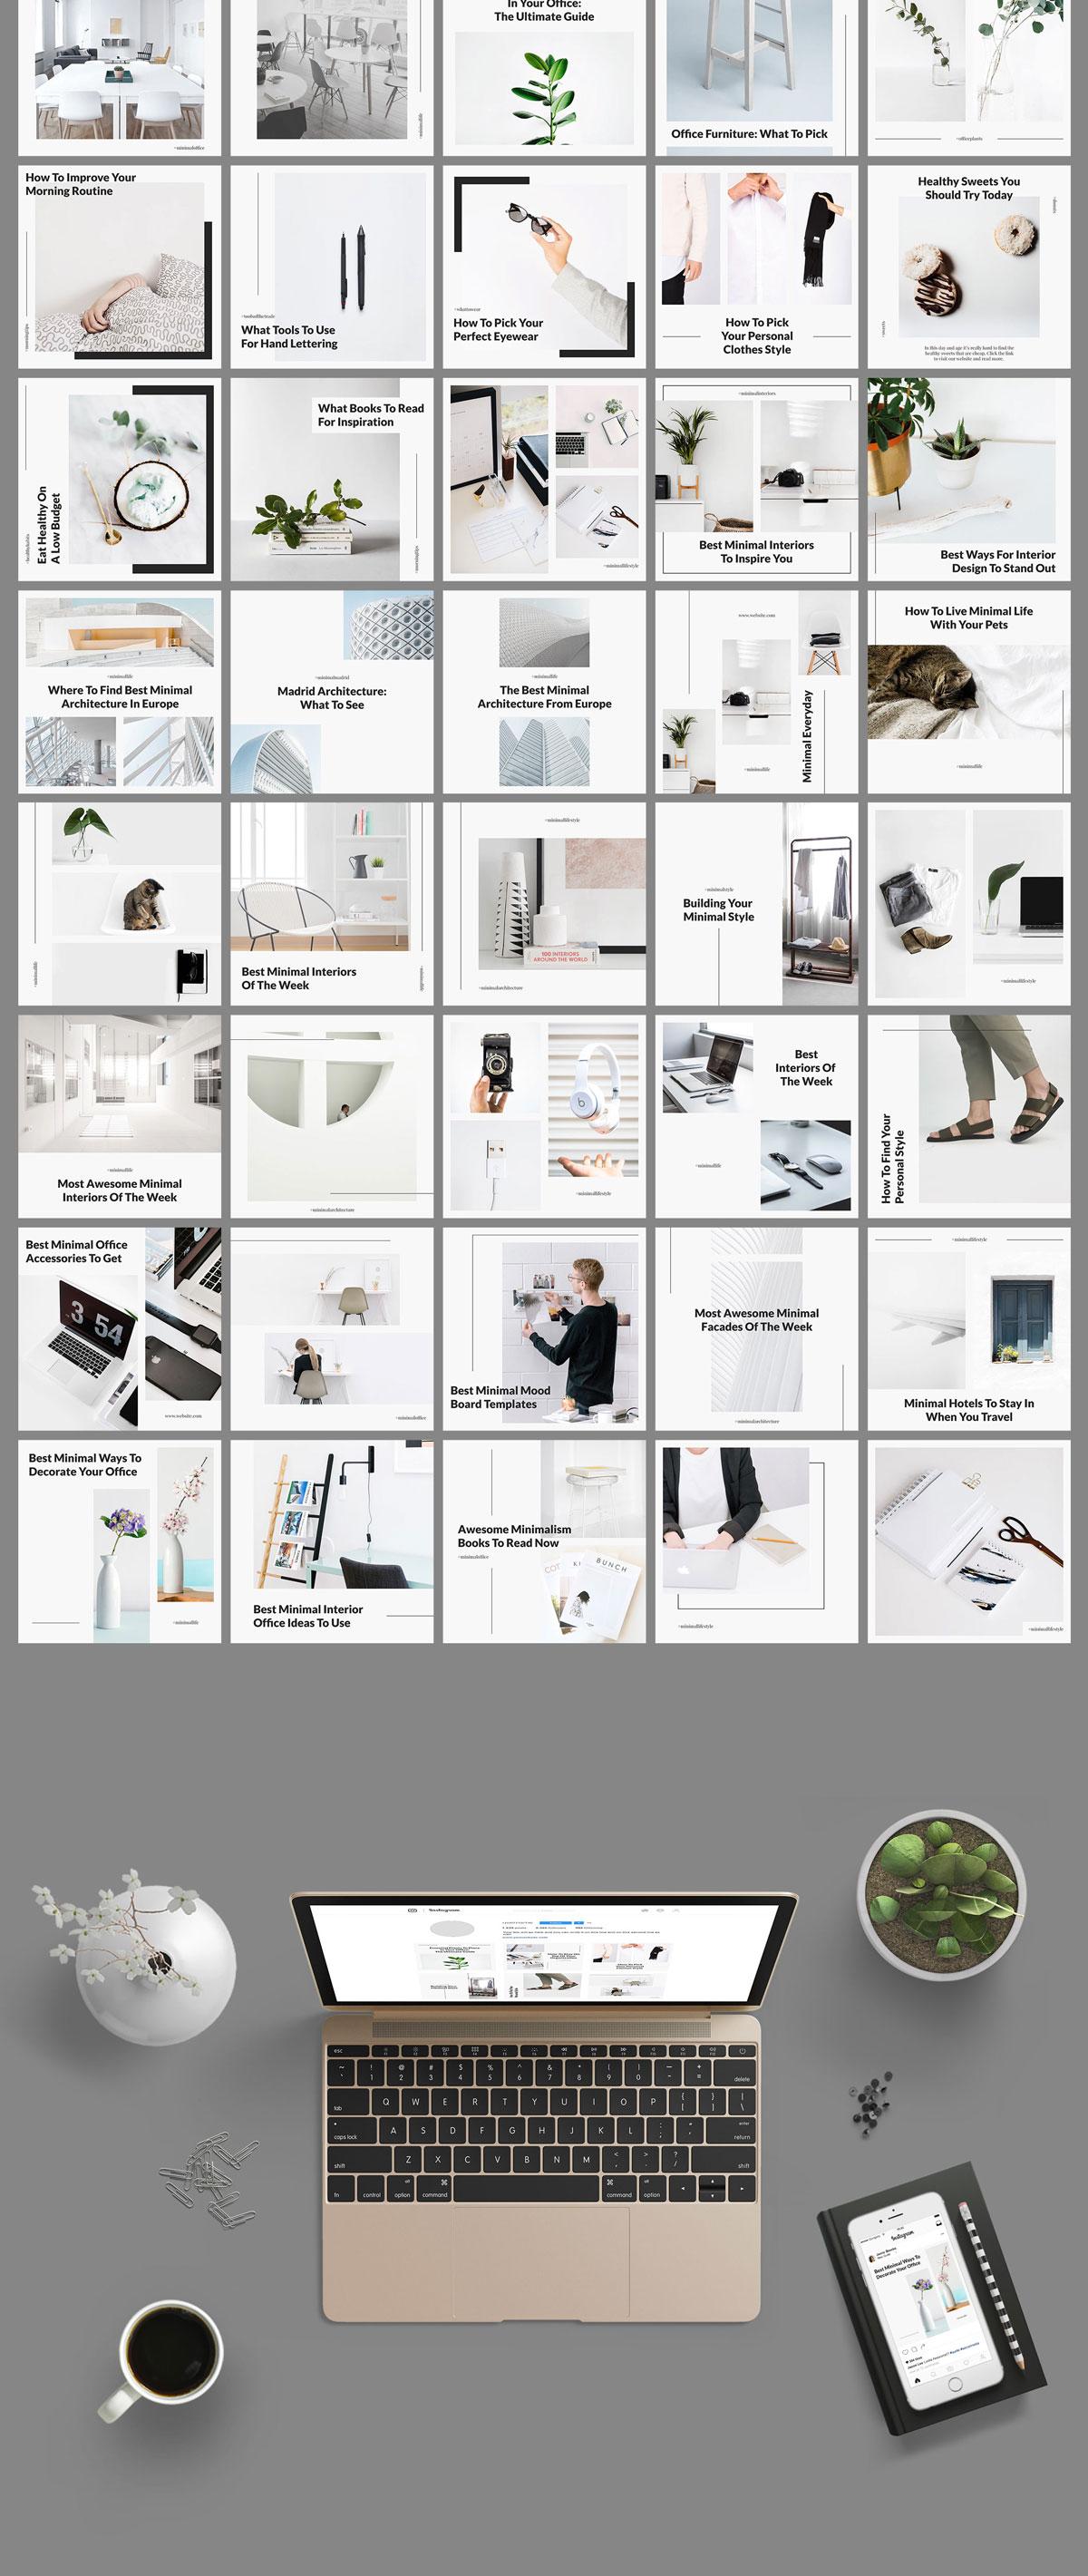 极简的女性服装电商营销朋友圈广告INS风模板 Belgrade Minimal Instagram Graphics插图(2)